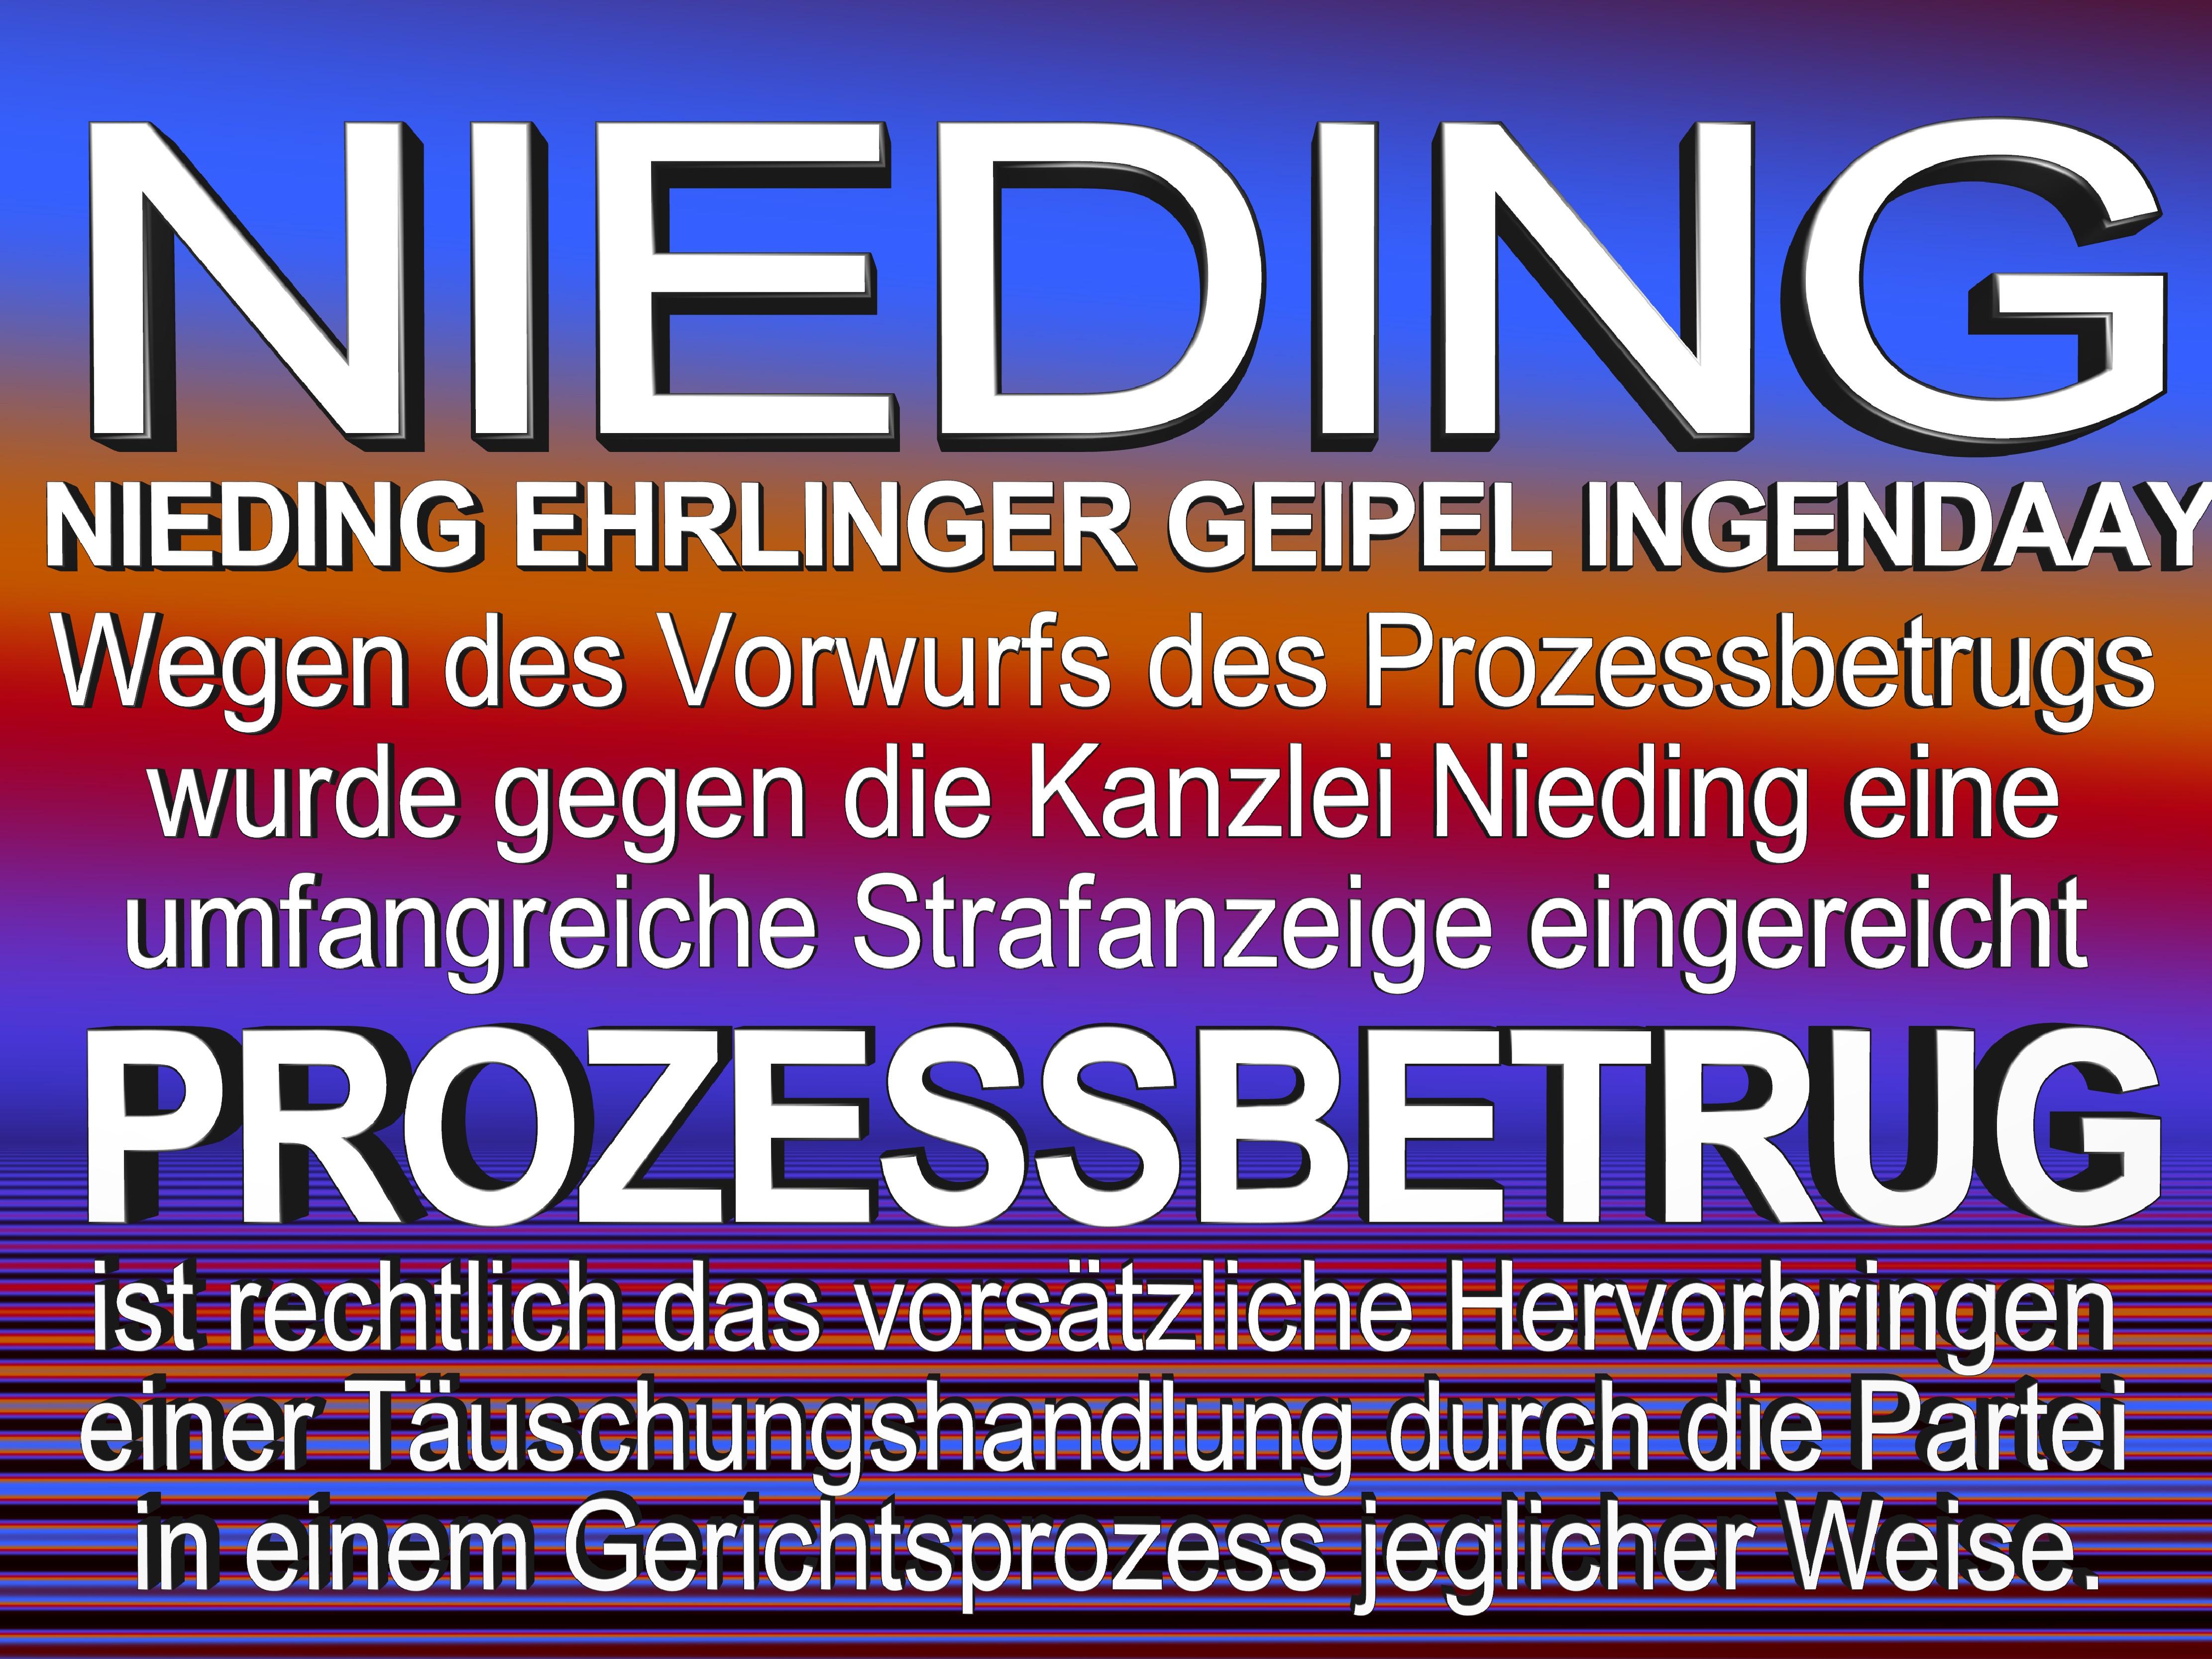 NIEDING EHRLINGER GEIPEL INGENDAAY LELKE Kurfürstendamm 66 Berlin (86)